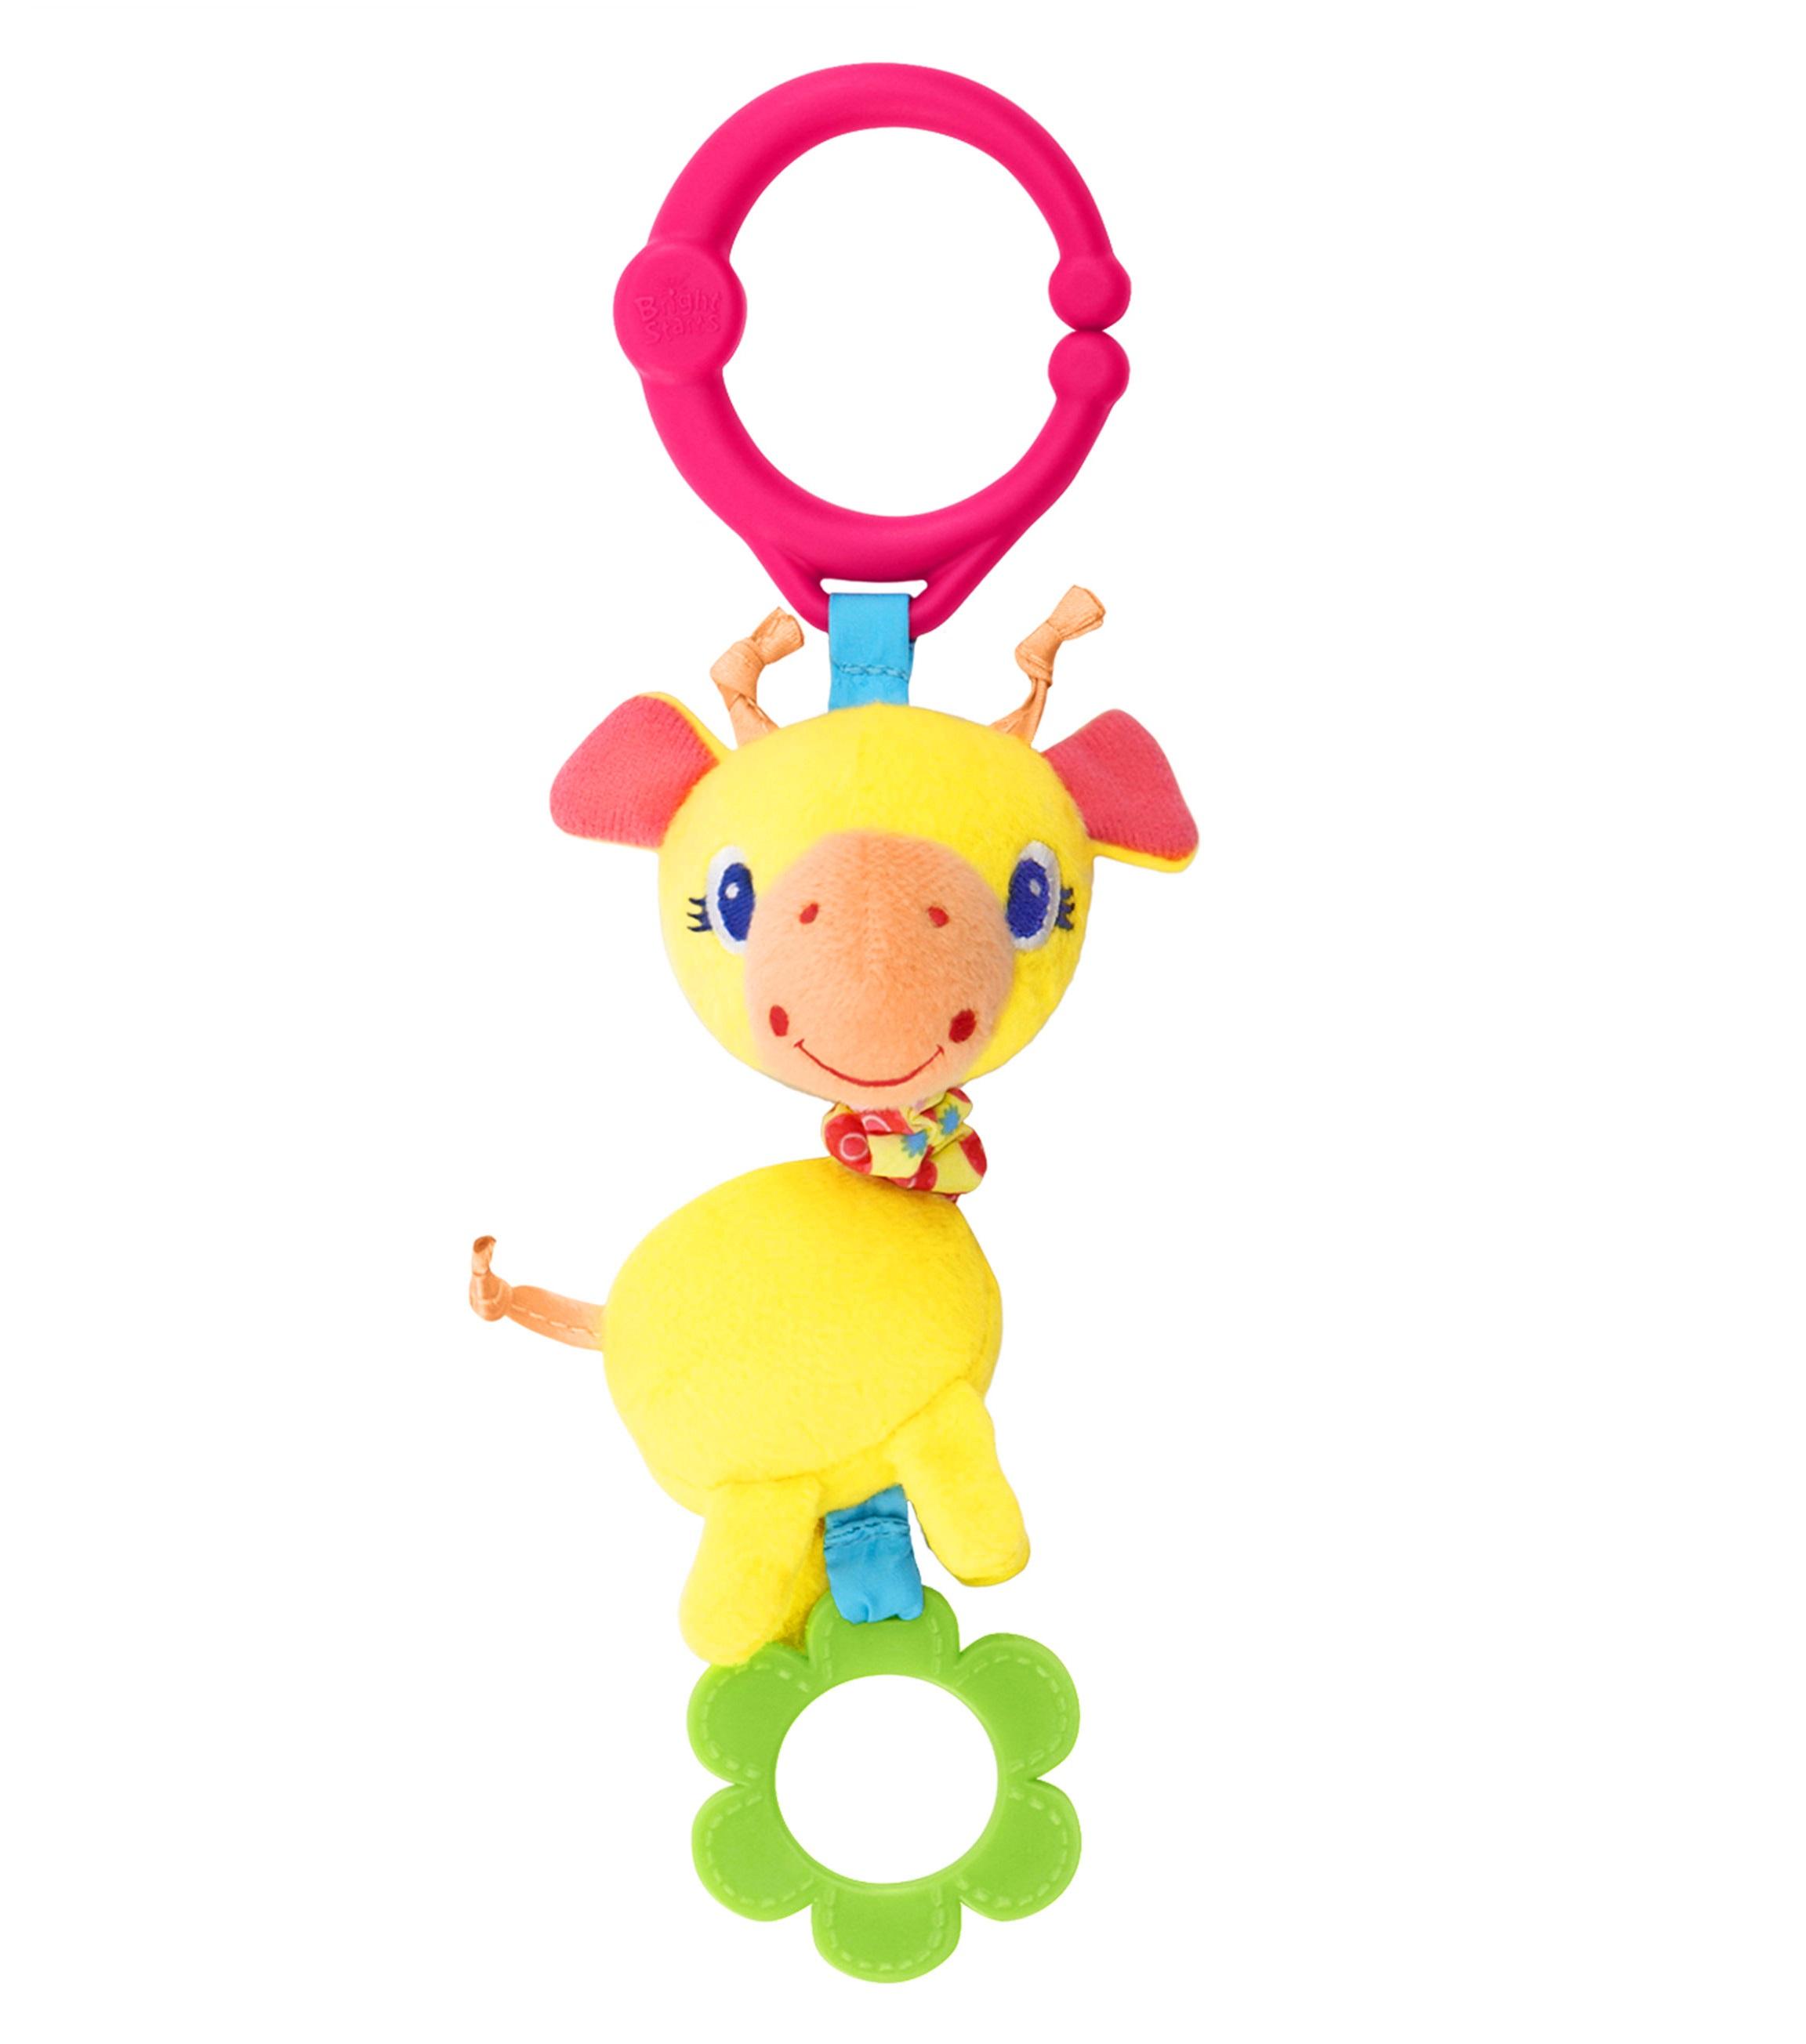 Развивающая игрушка «Дрожащий Дружок», Жираф - Детские погремушки и подвесные игрушки на кроватку, артикул: 96909